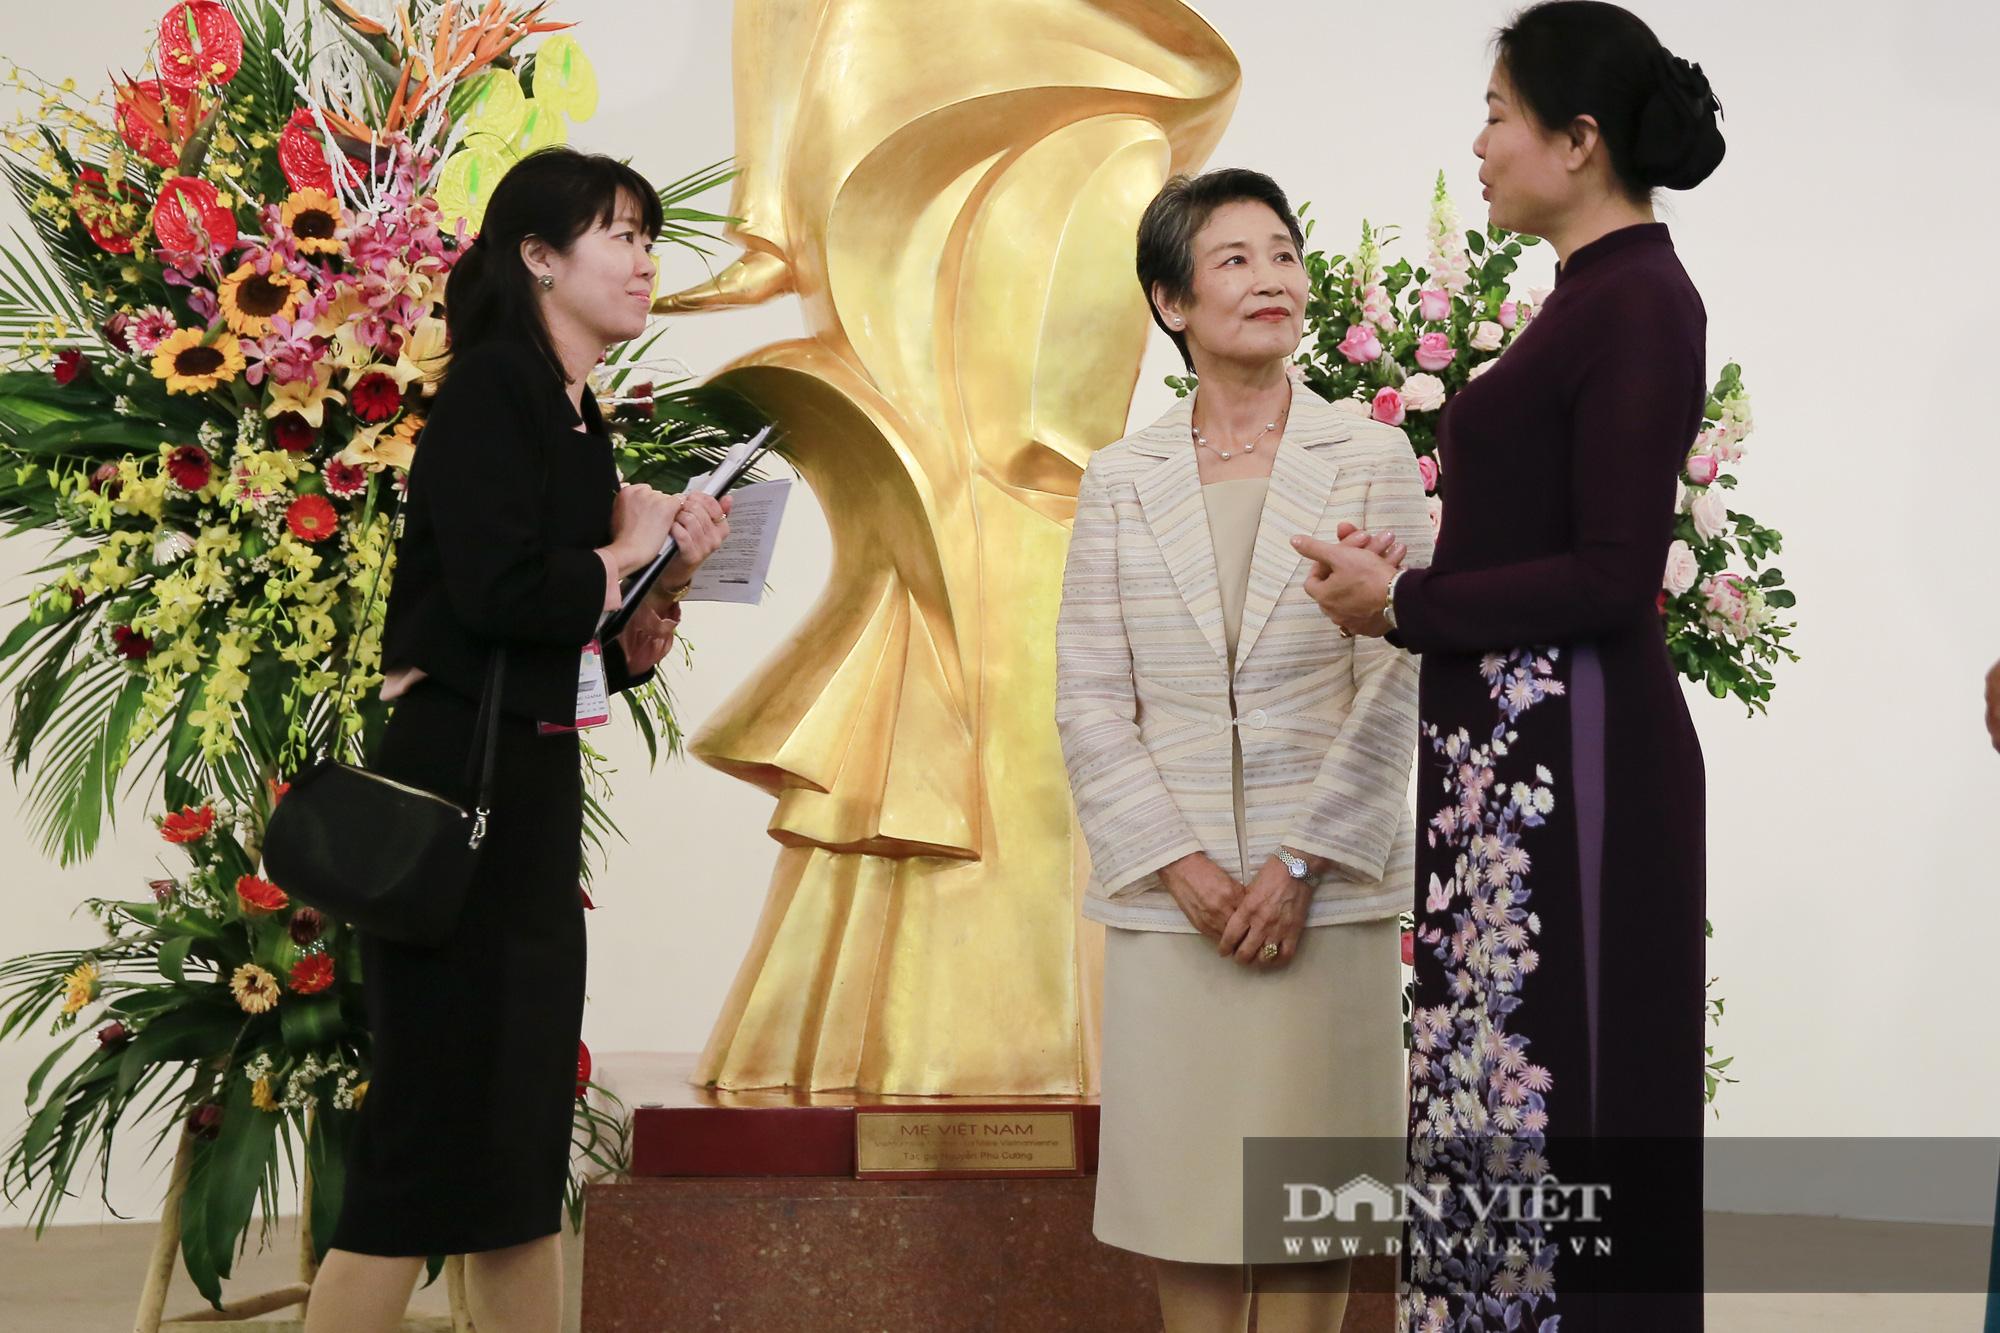 Phu nhân Thủ tướng Nhật Bản tham quan bảo tàng Phụ nữ Việt Nam - Ảnh 3.